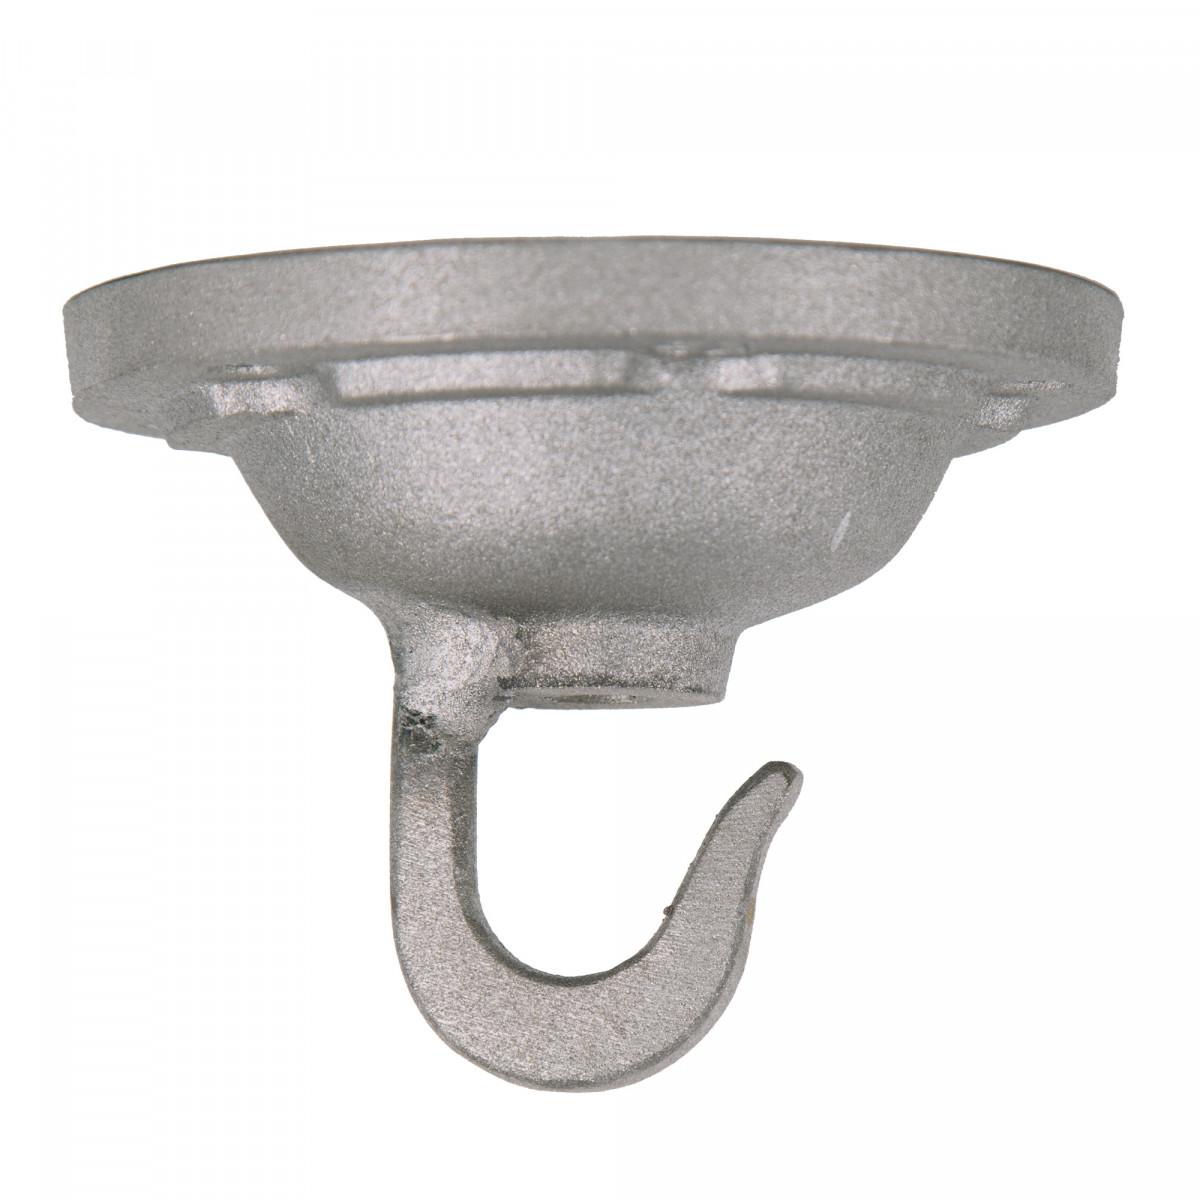 Plafondhaak ruw Alu. (3488) - KS Verlichting -  Industriele montage haak voor fabriekslampen